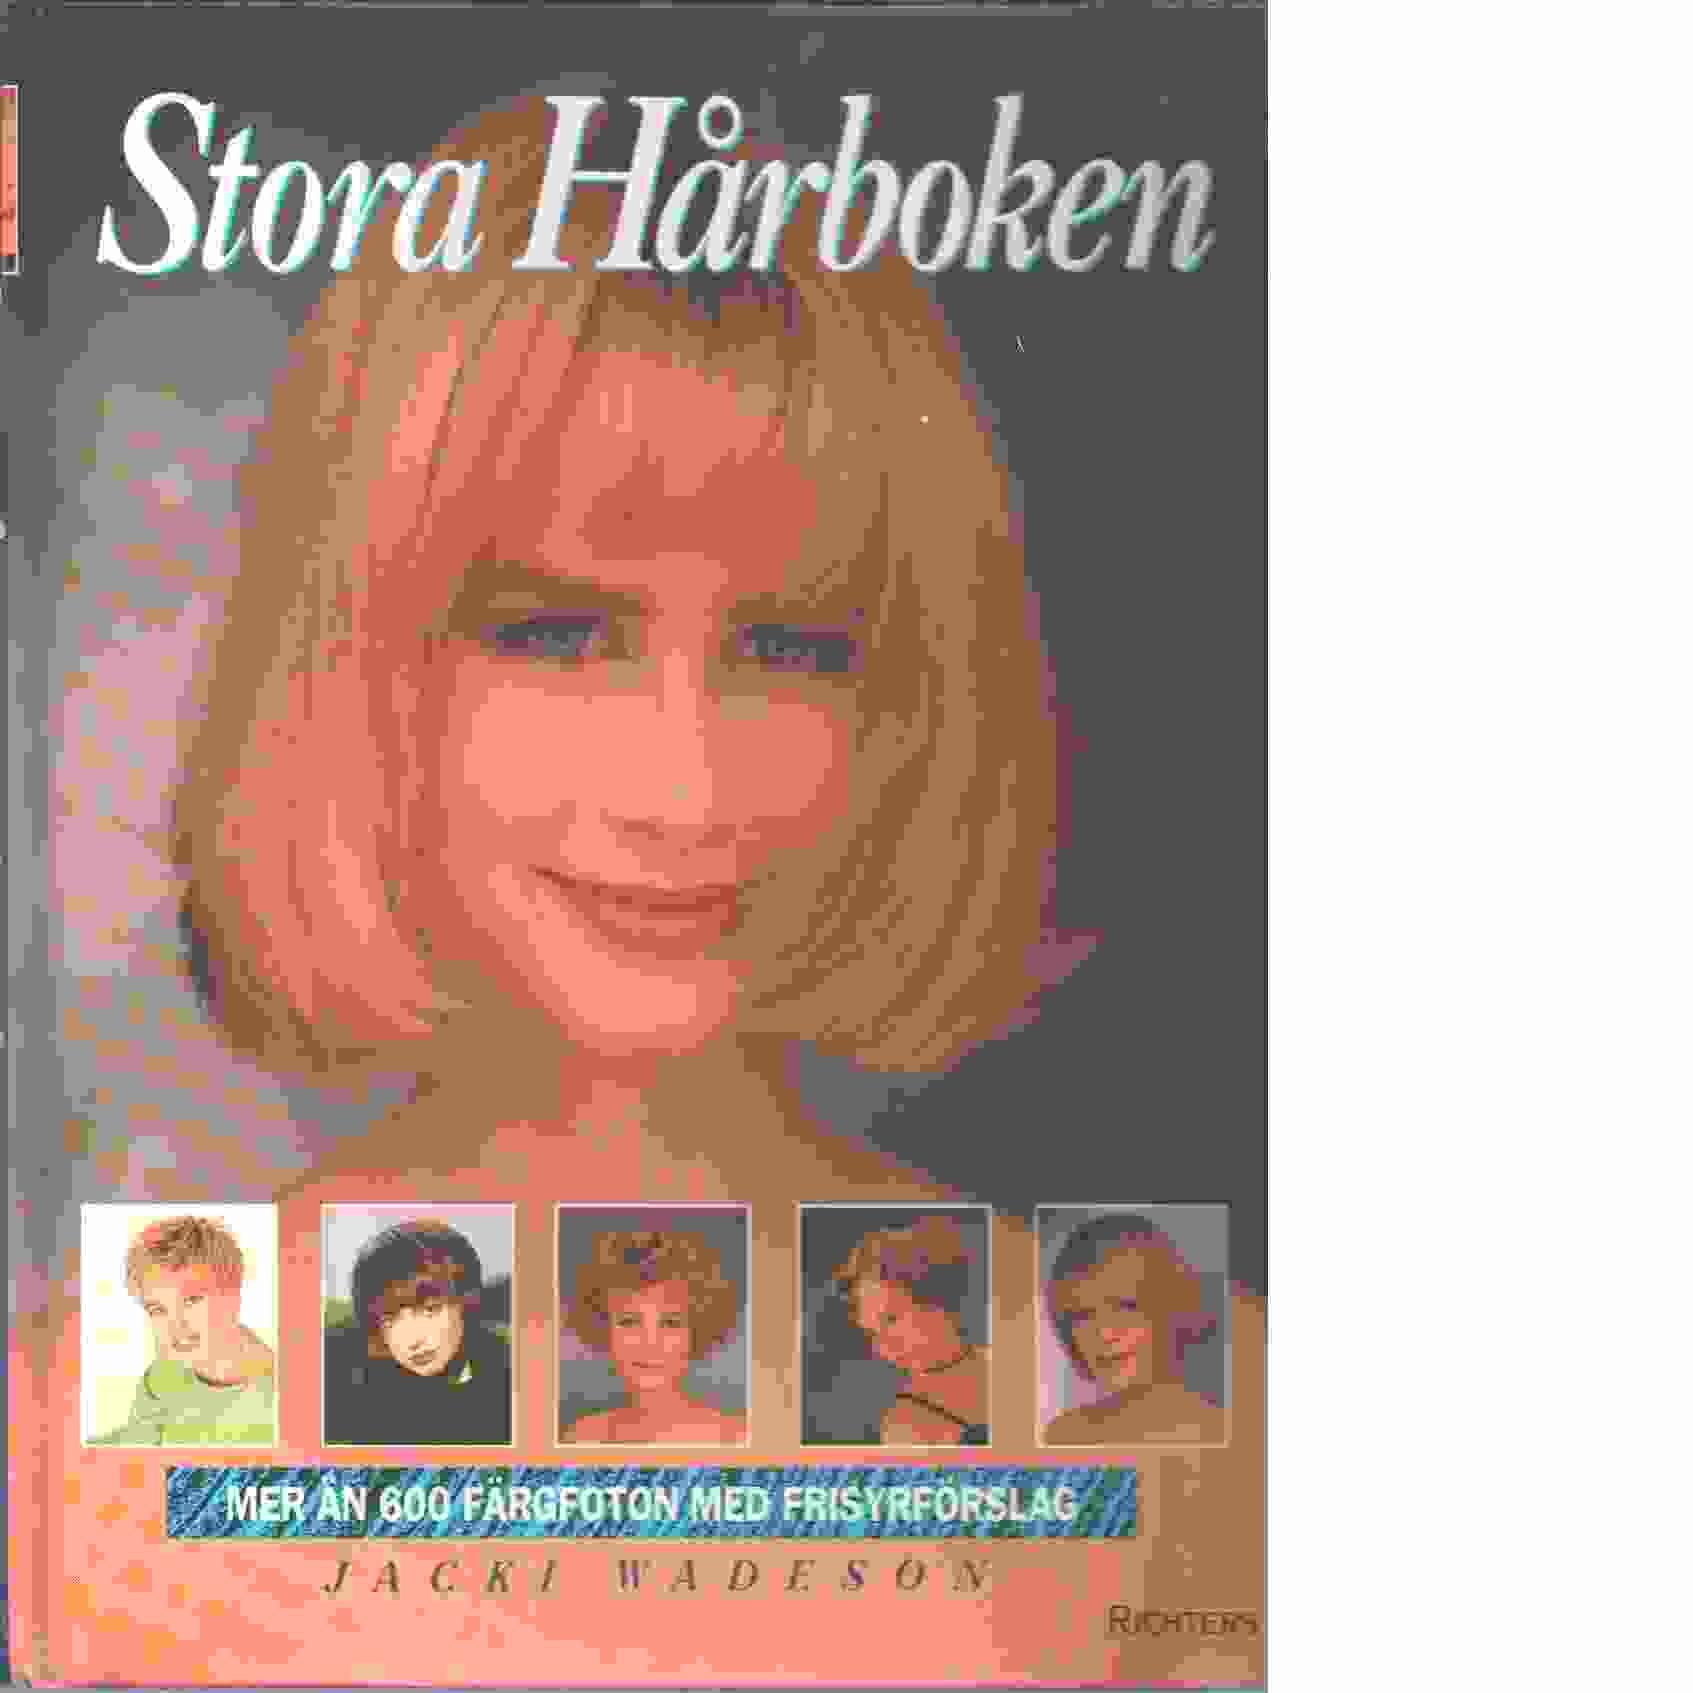 Stora hårboken : [mer än 600 färgfoton med frisyrförslag] - Wadeson, Jacki